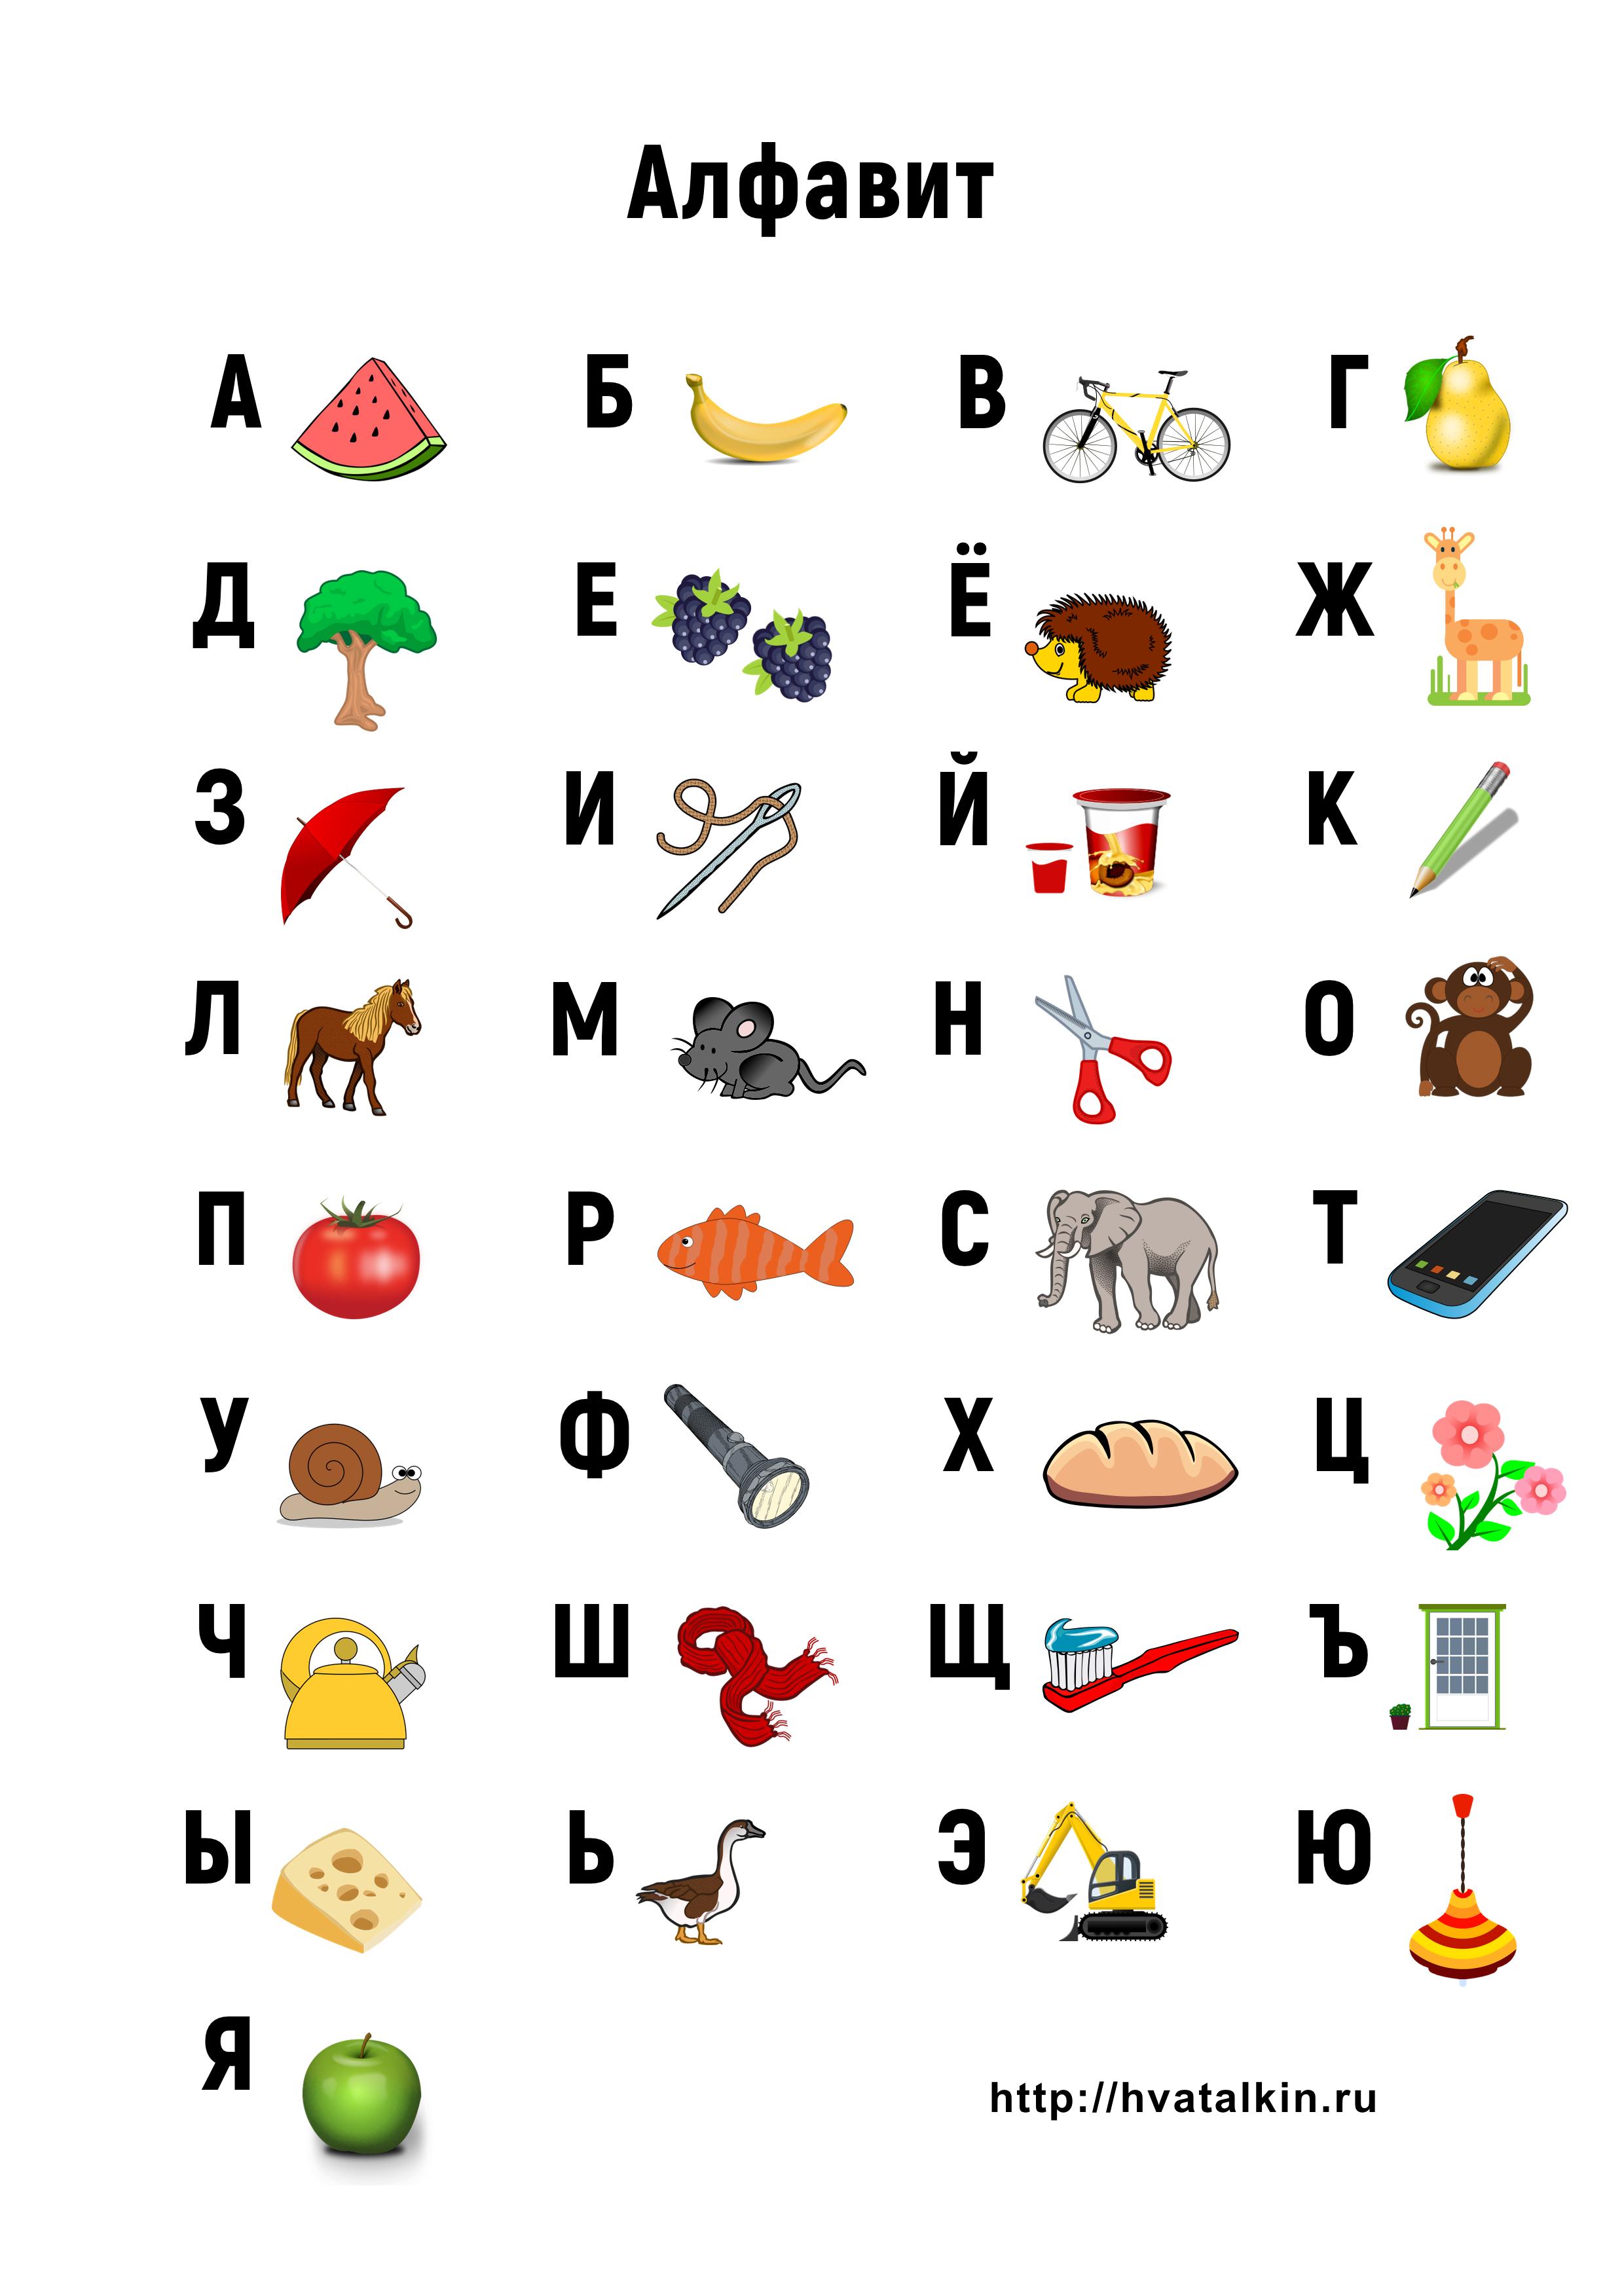 Алфавит для детей с картинками и без, карточки с буквами